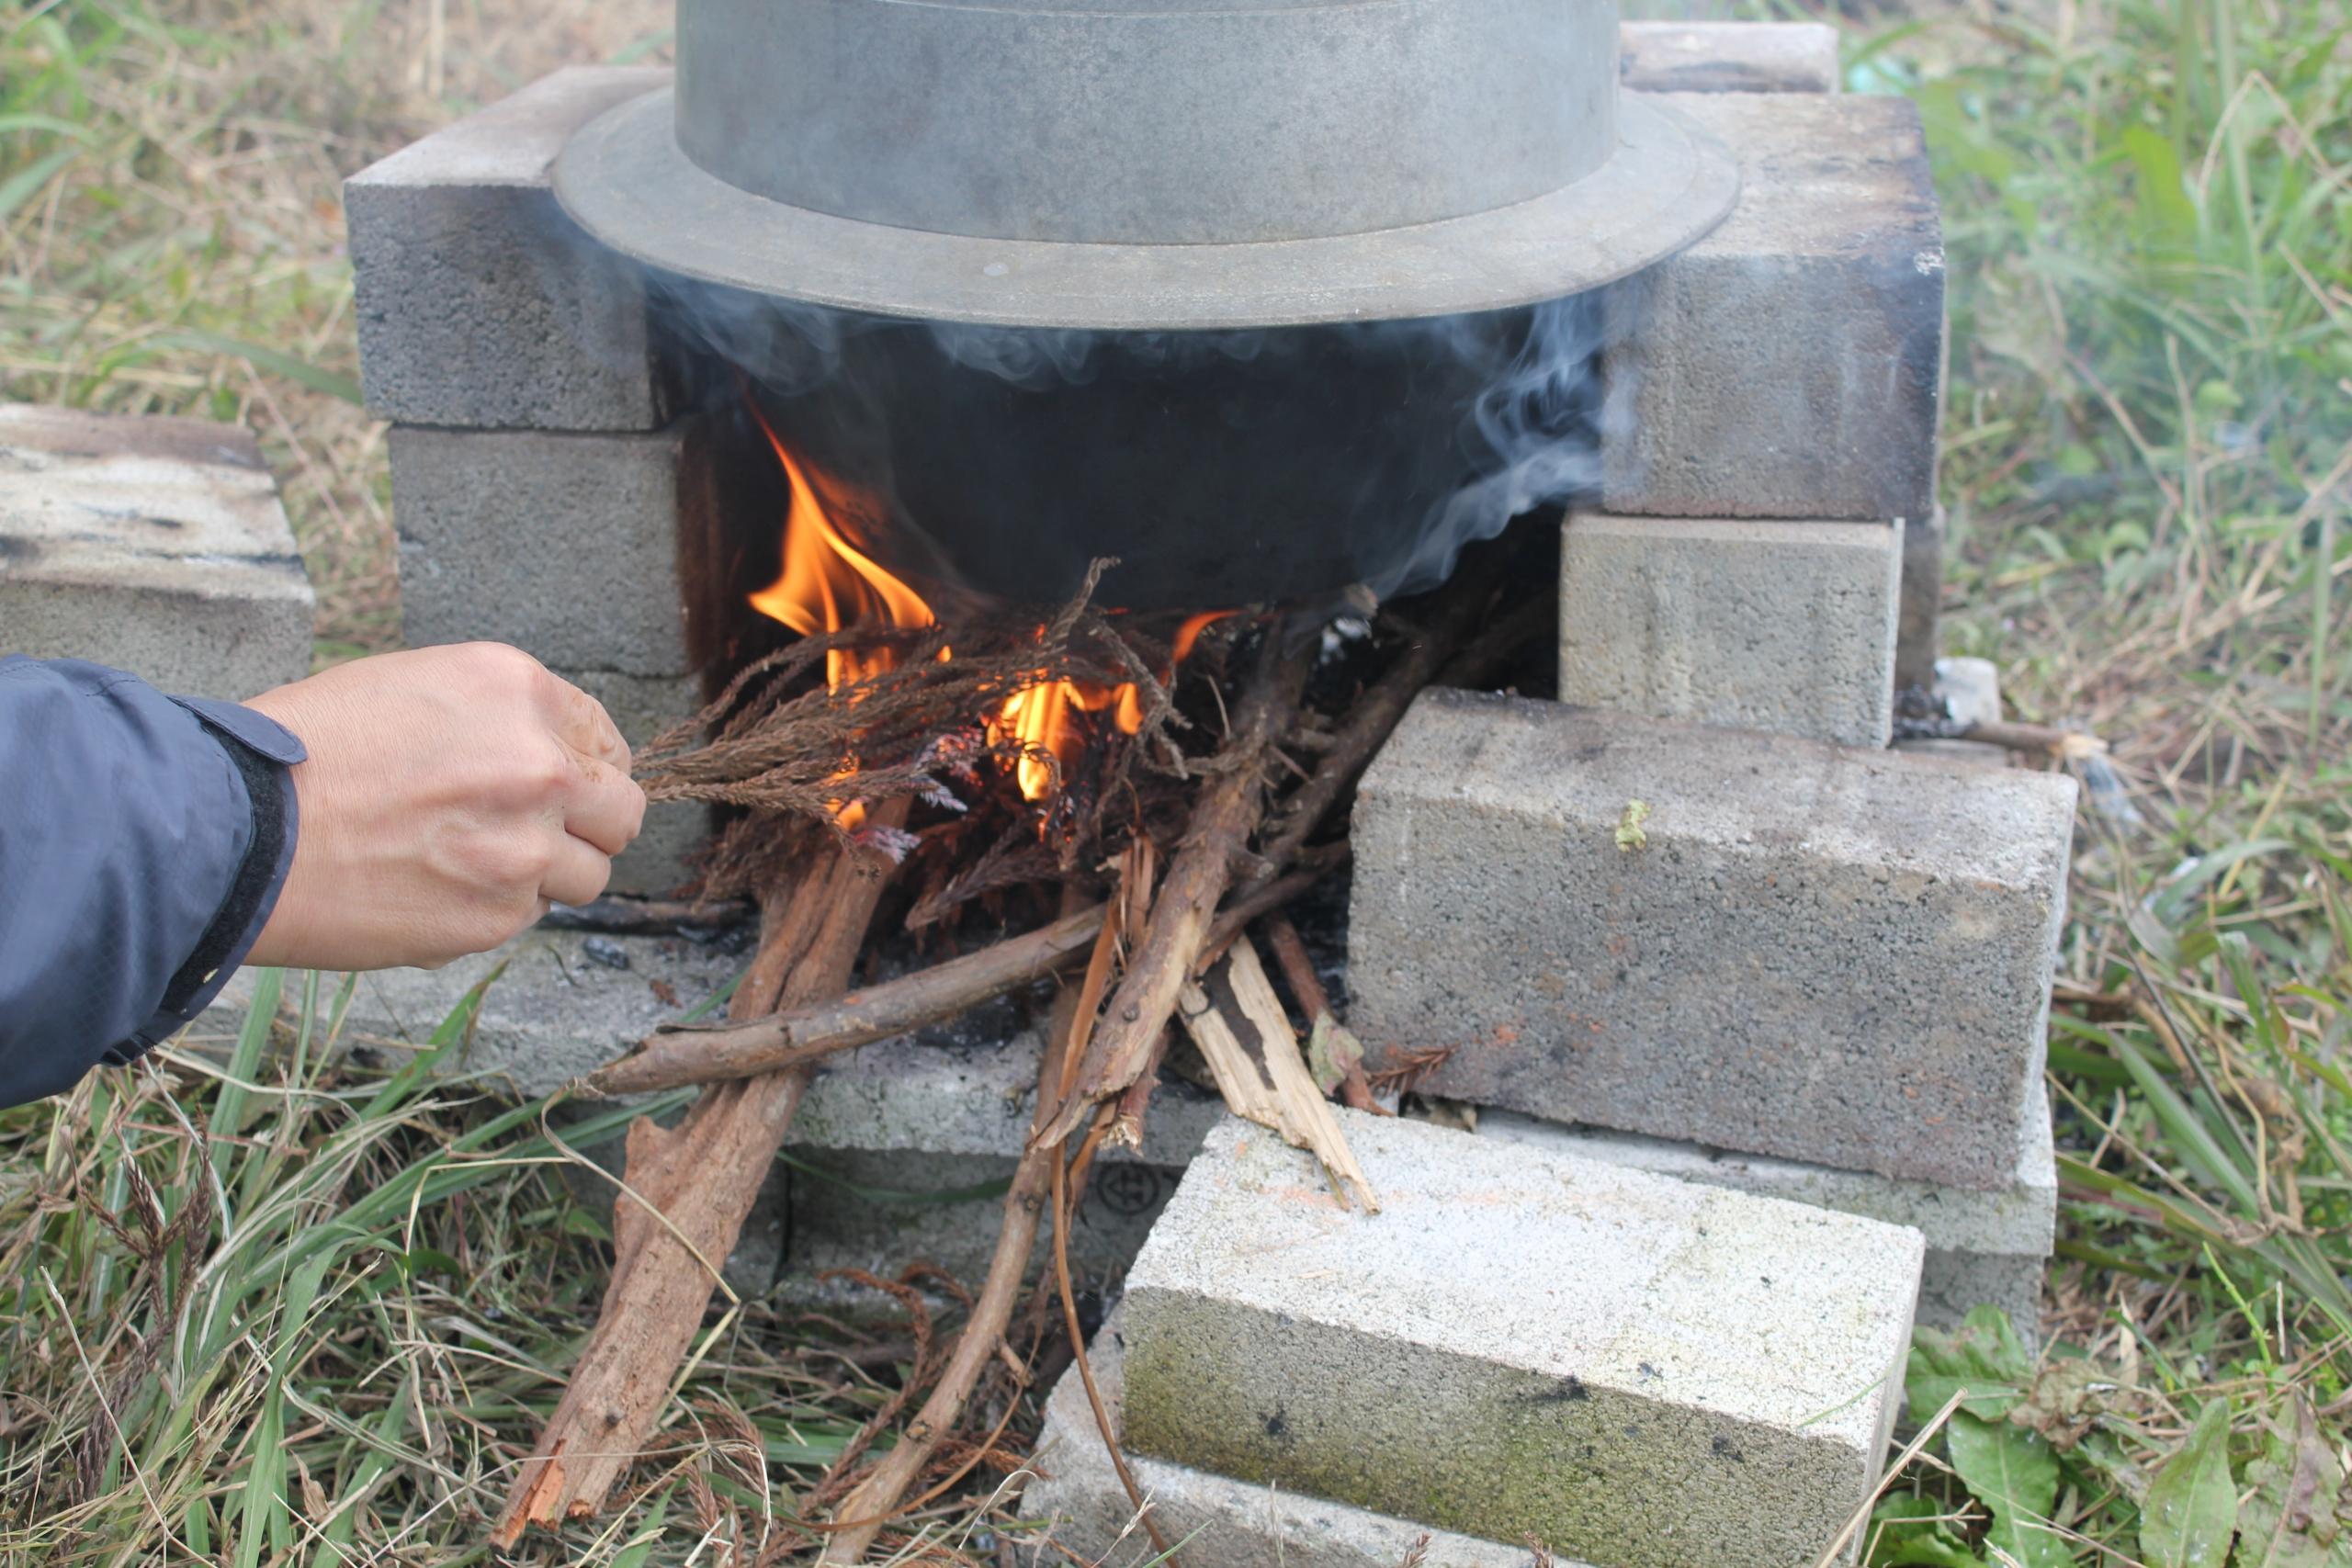 火を起こし、釜で炊いている様子